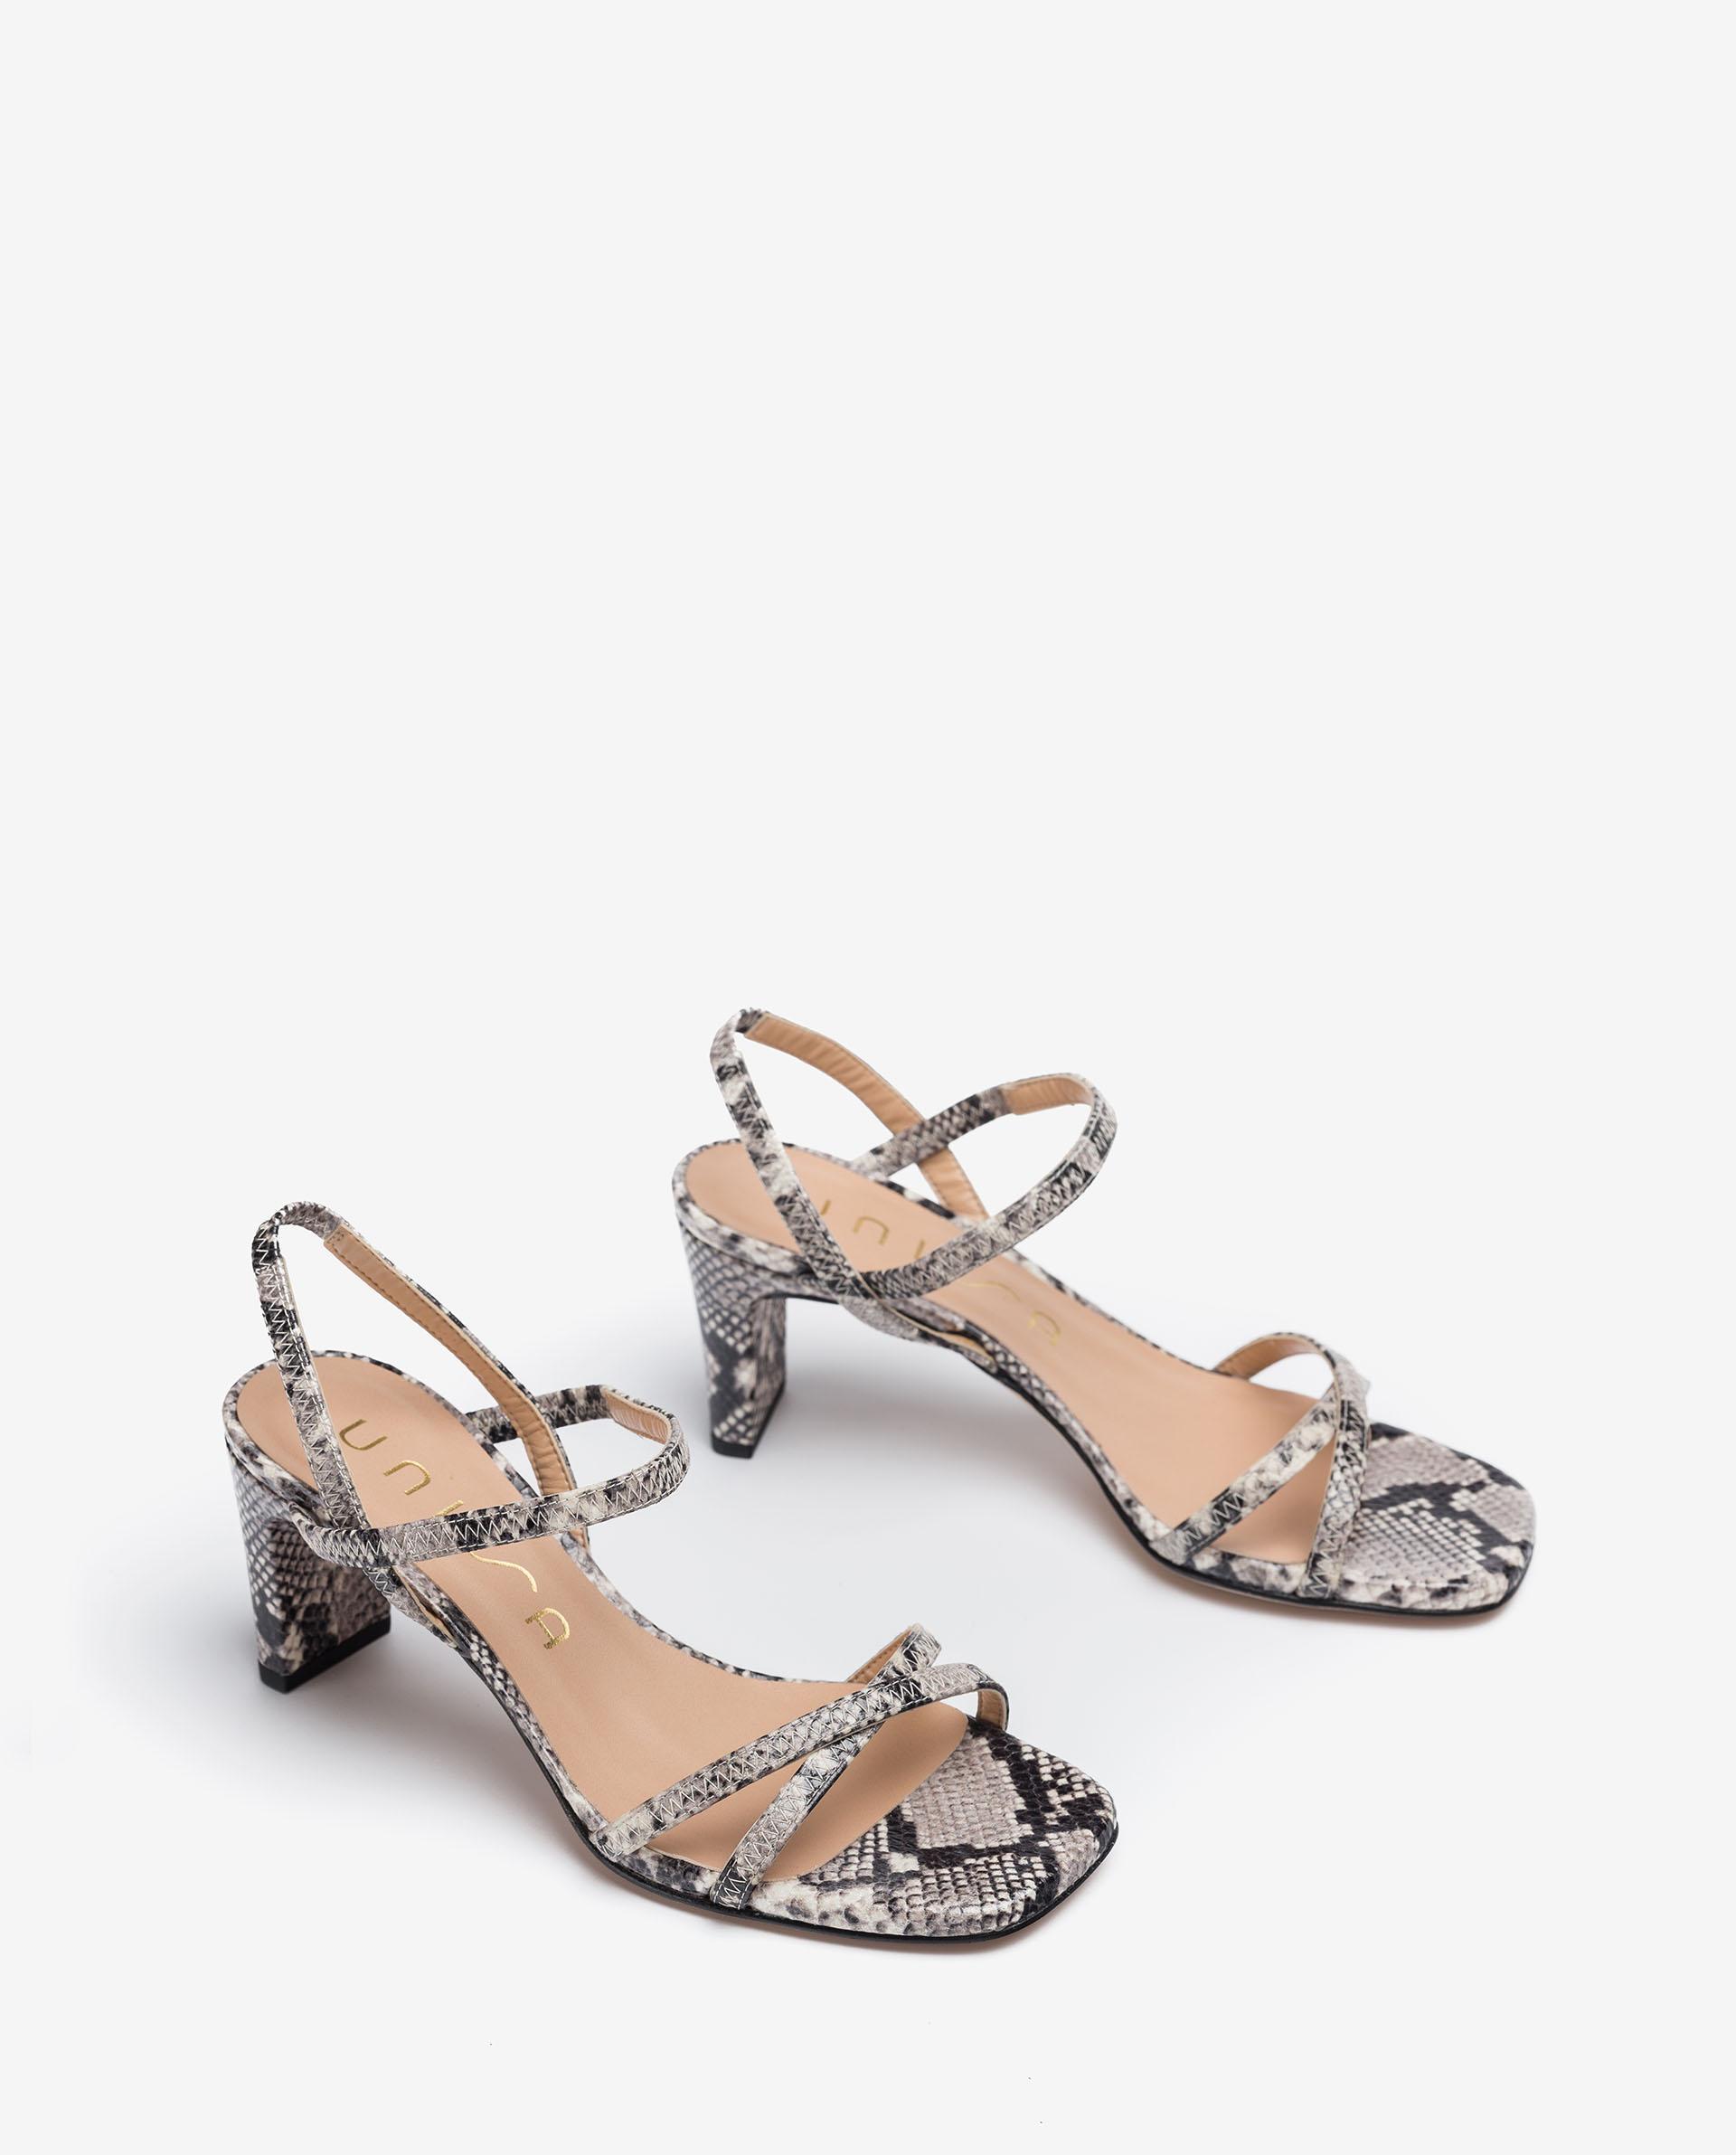 UNISA Crossed leather straps sandals MONI_SNC 2